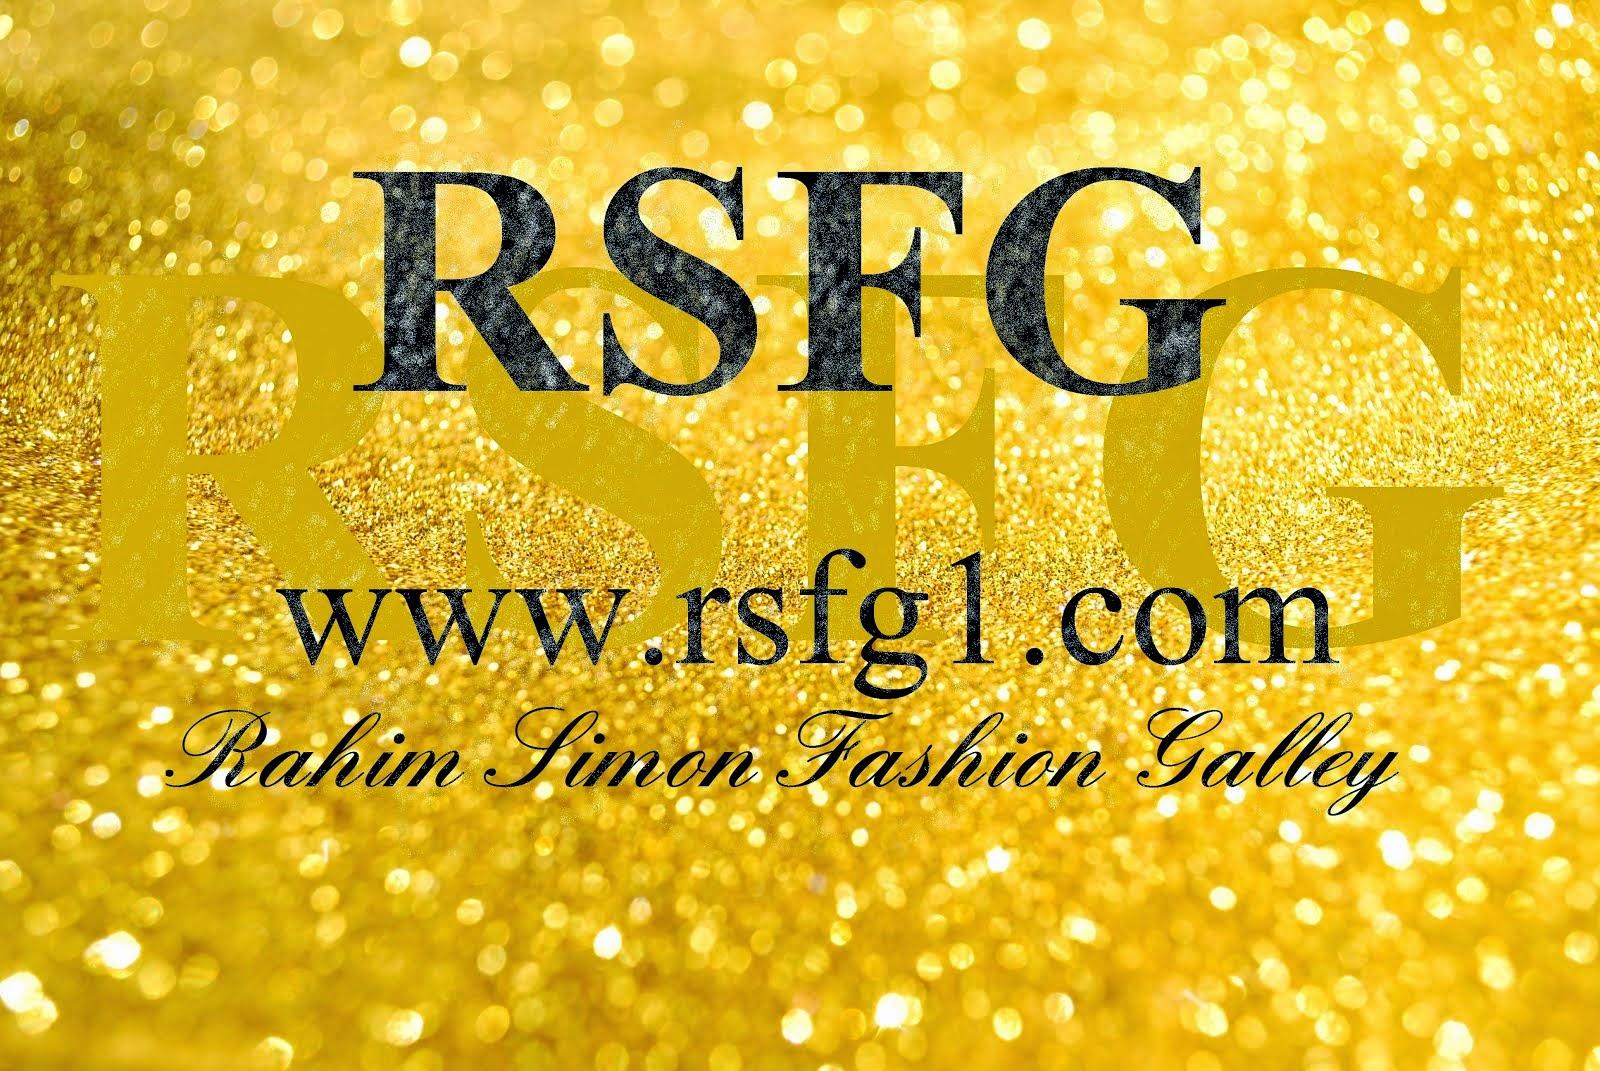 RSFG1.COM